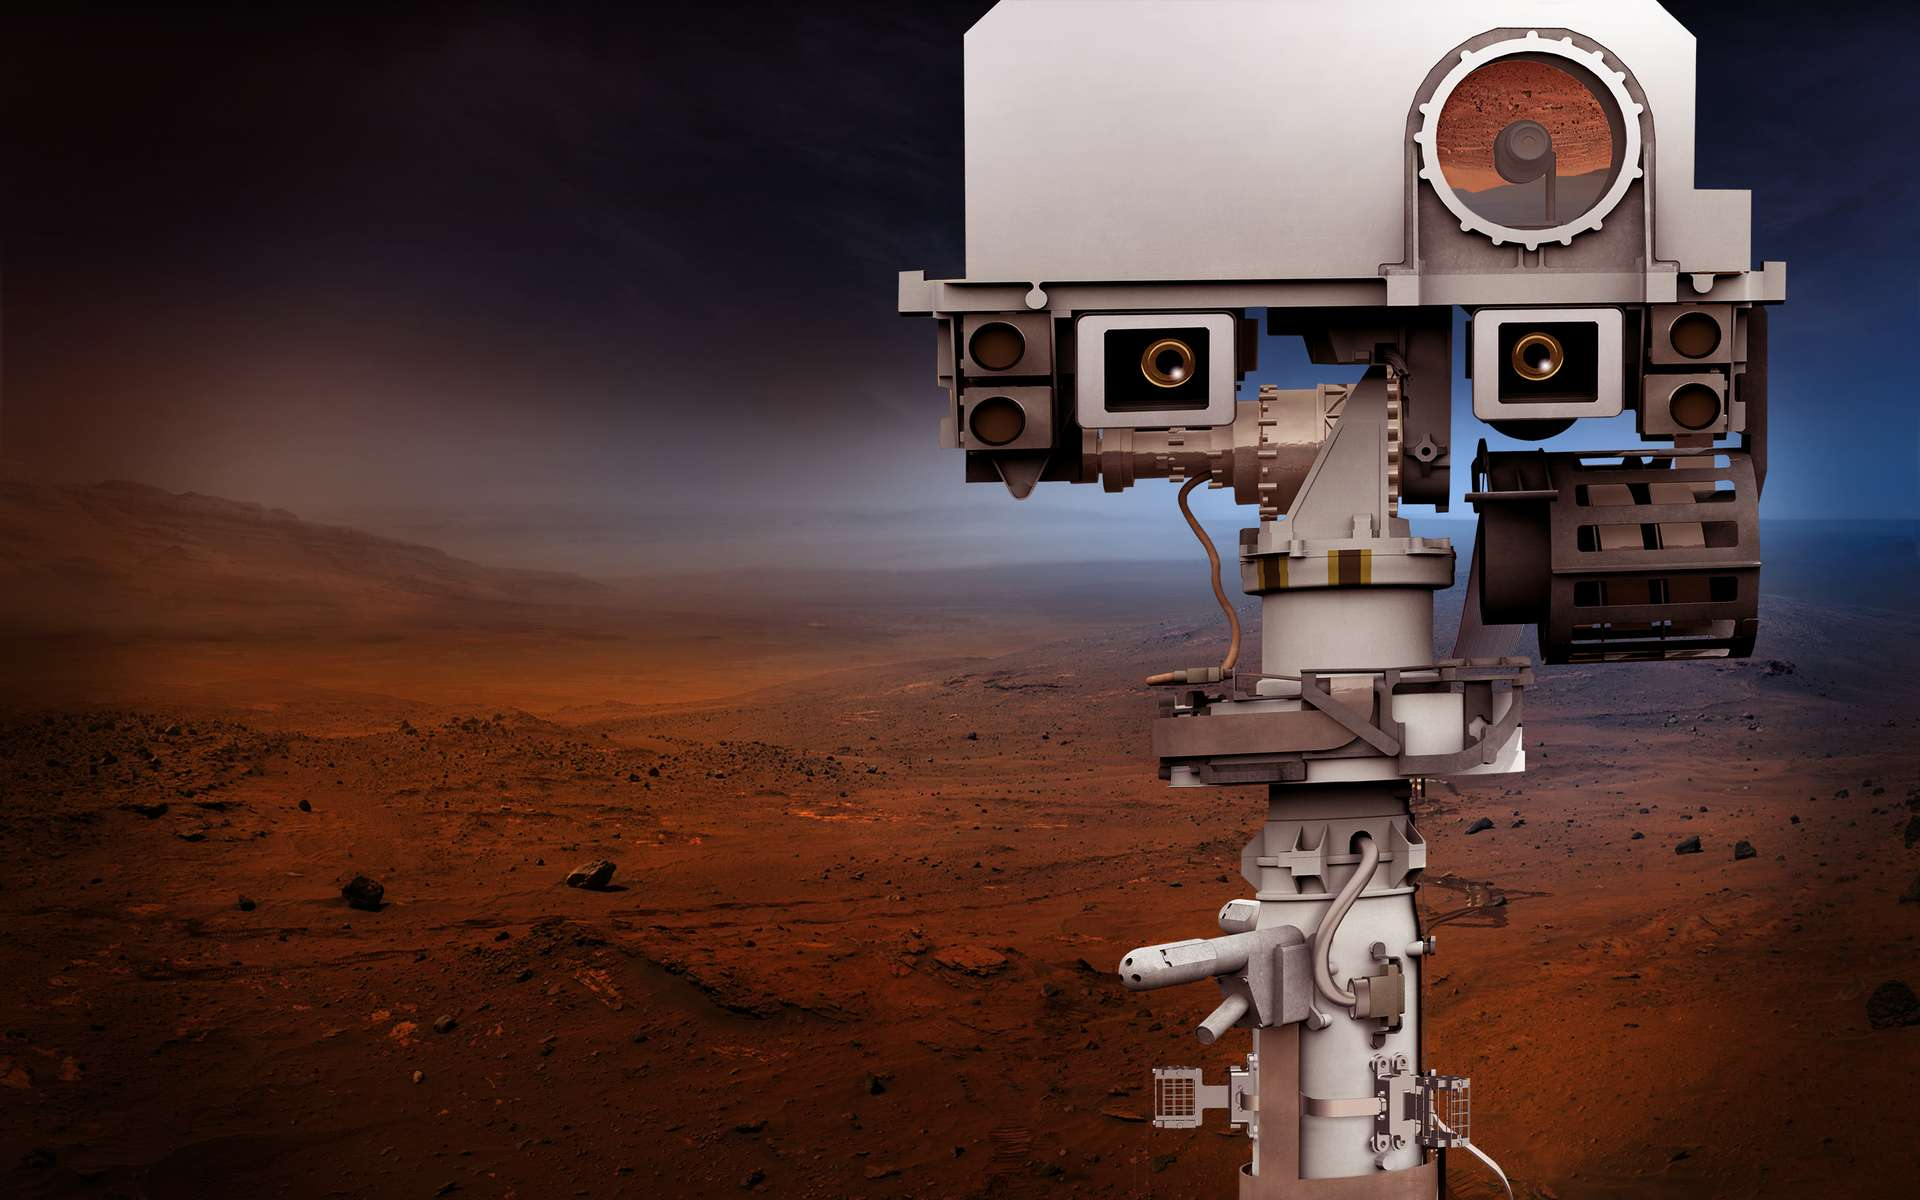 Portrait de Mars 2020. Le rover qui reprend plusieurs caractéristiques de Curiosity, débarquera sur Mars en 2021. © Nasa